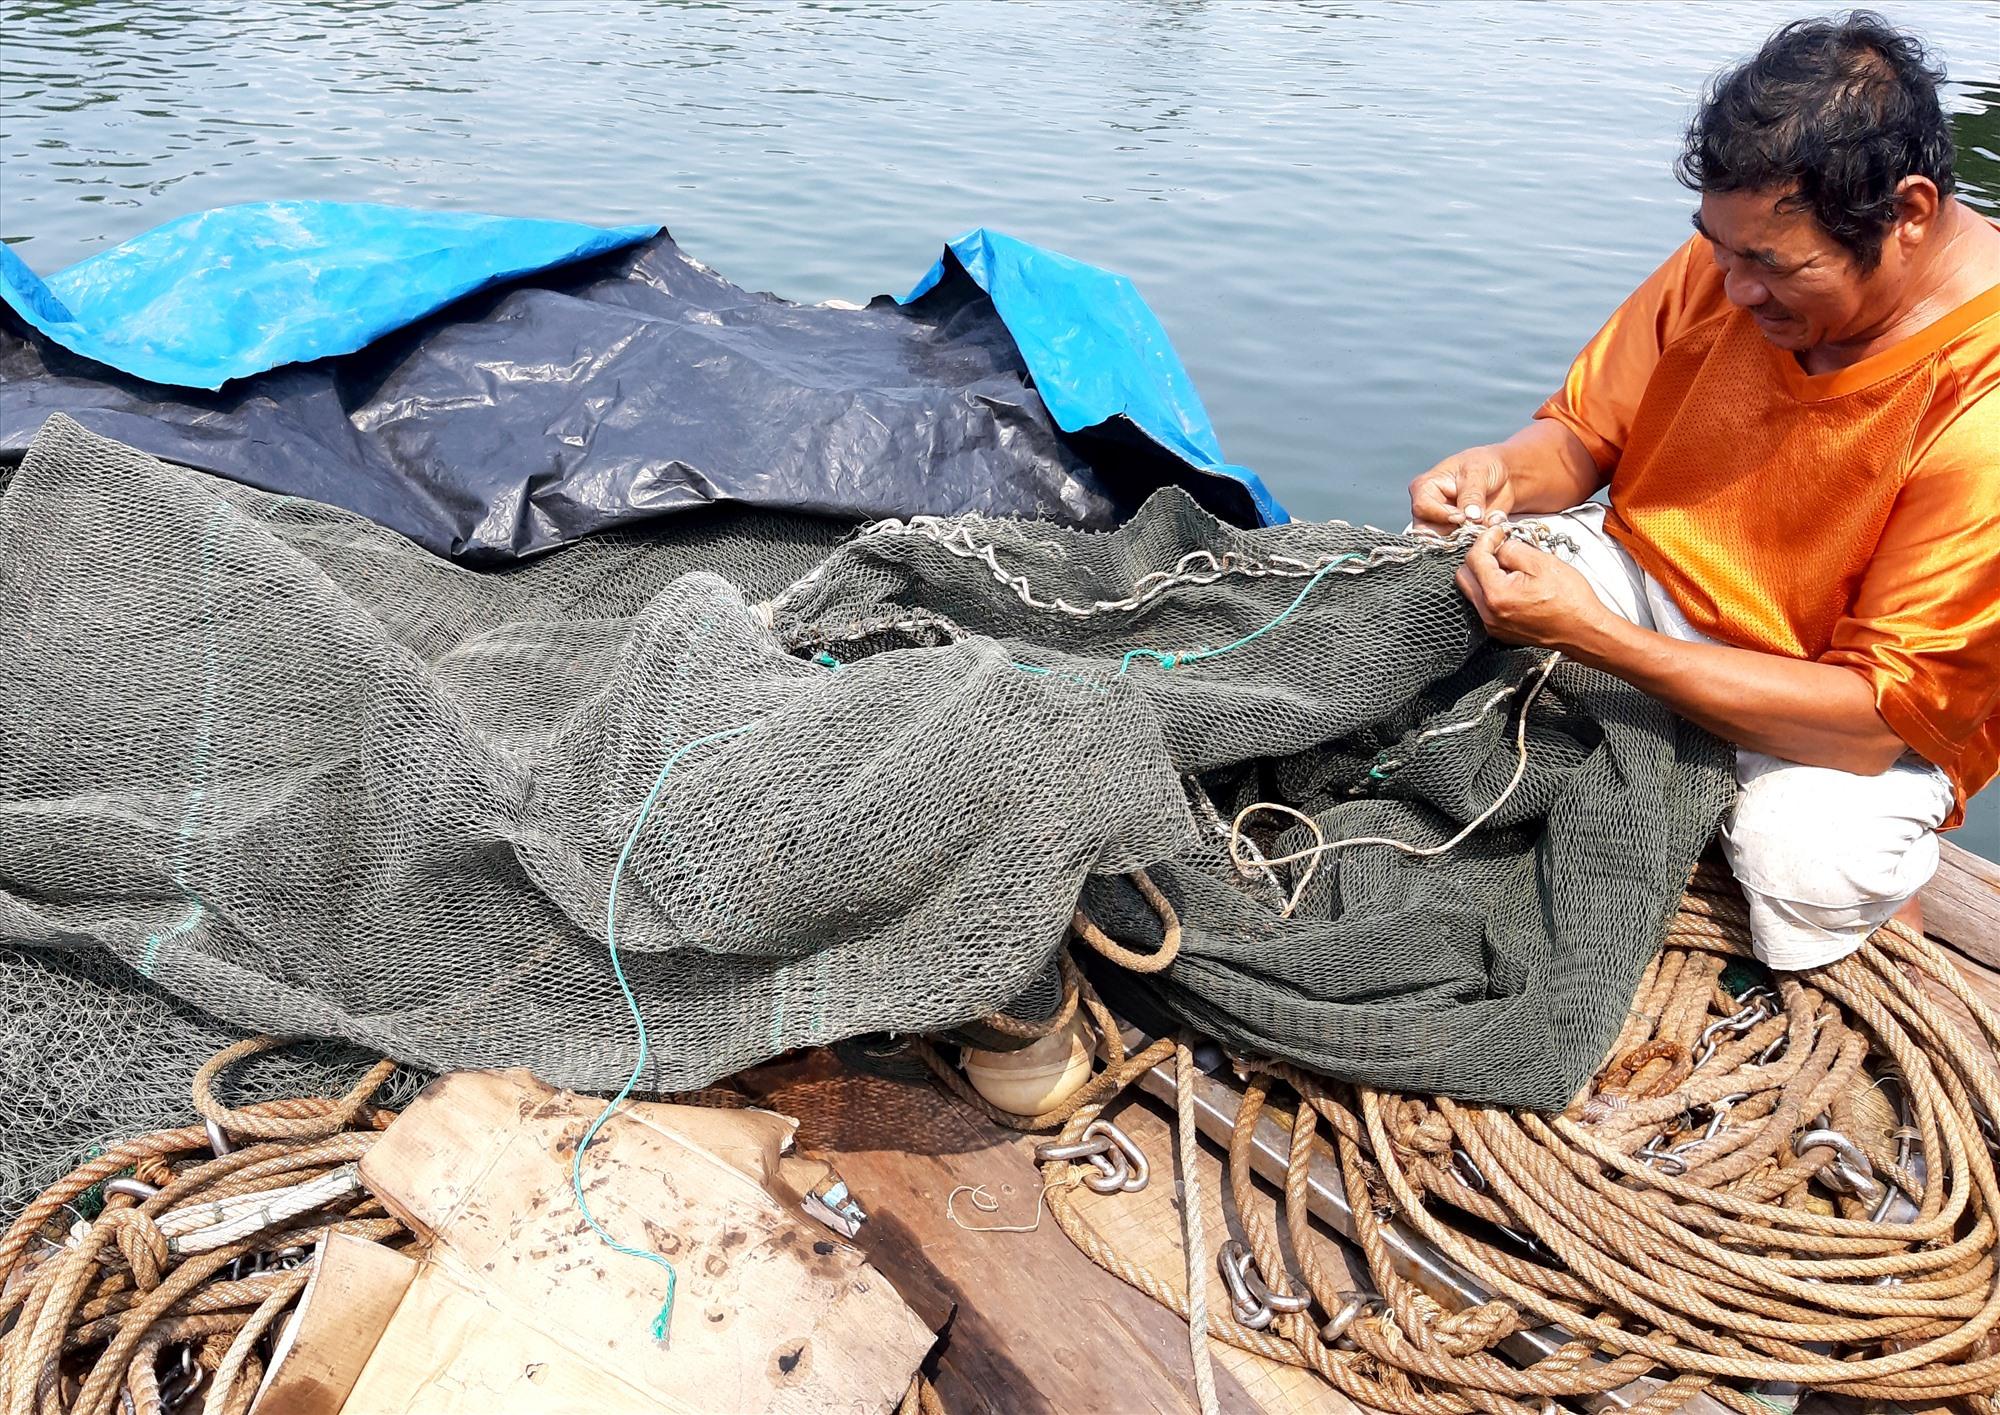 Ngư dân chuẩn bị ngư lưới cụ để sản xuất bằng nghề giã cào. Ảnh: VIỆT NGUYỄN